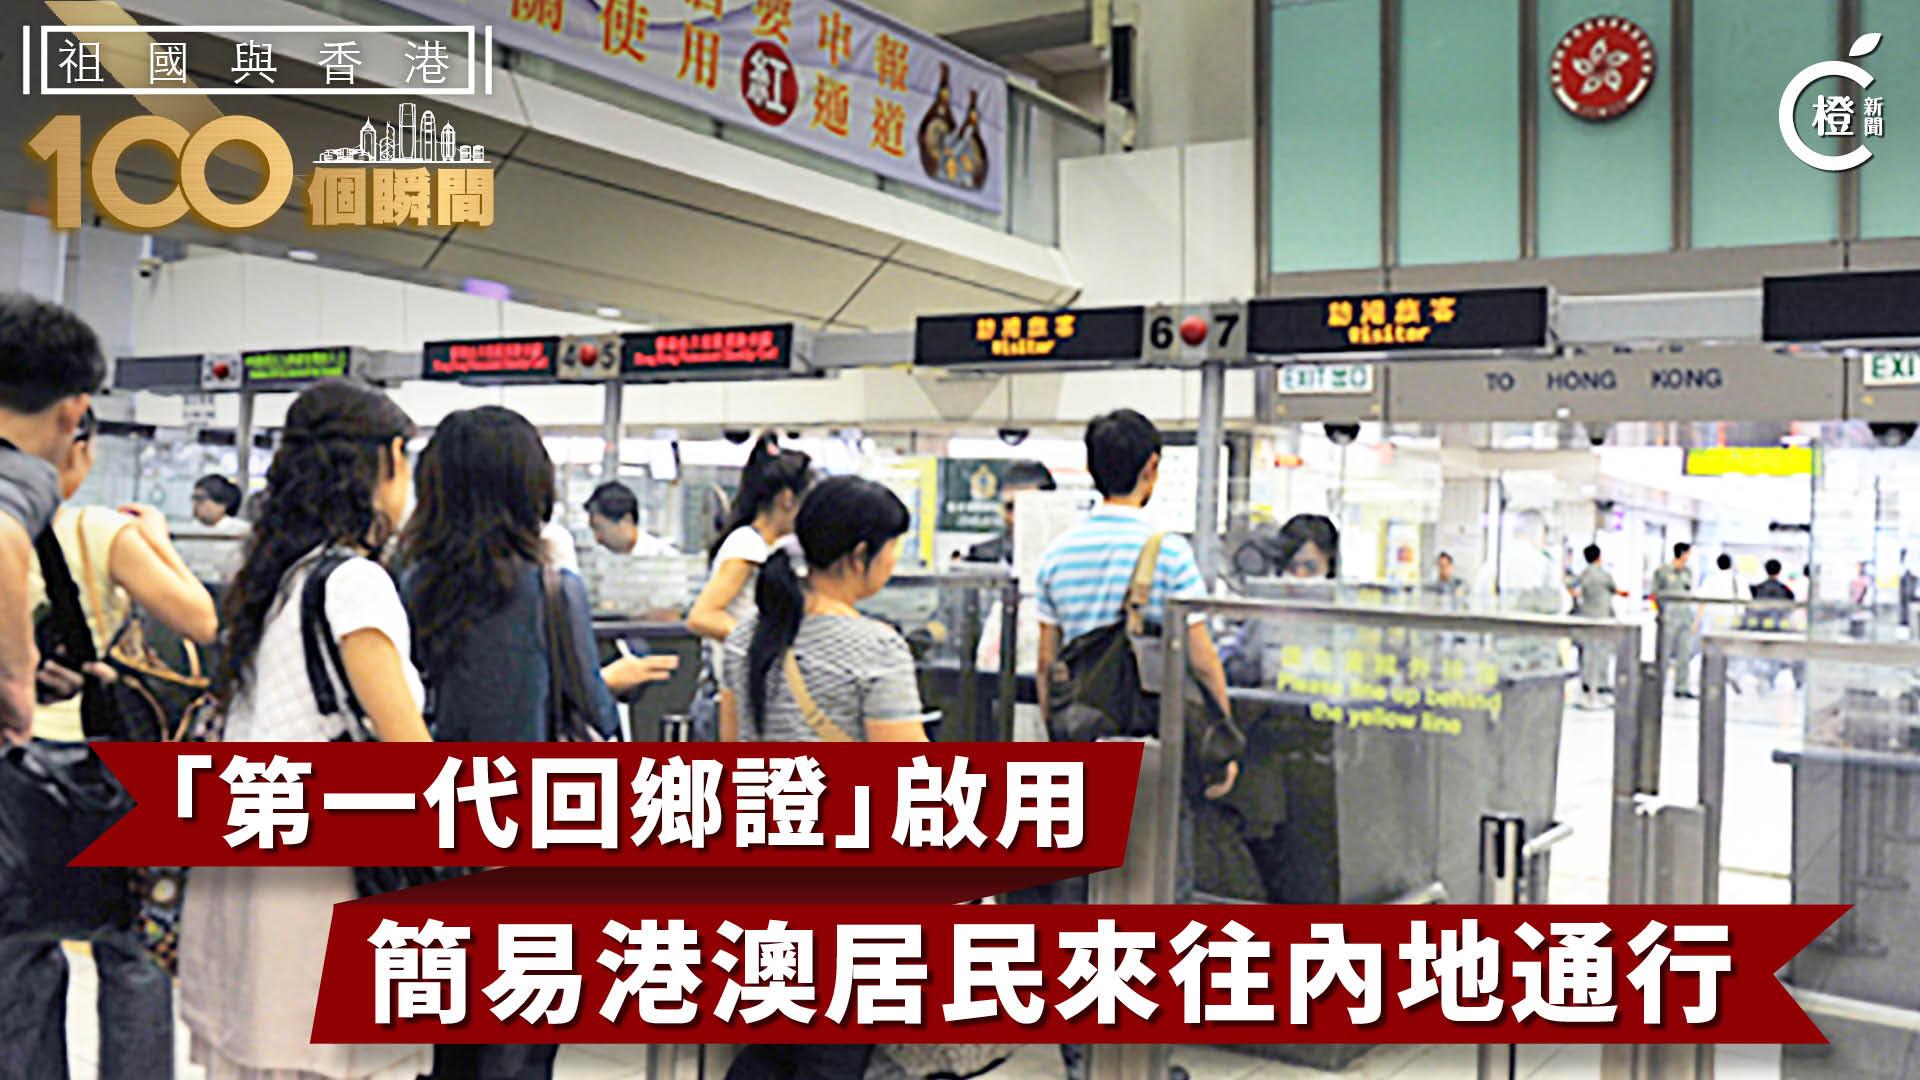 【祖國與香港100個瞬間】第一代回鄉證啟用 方便香港居民來往內地